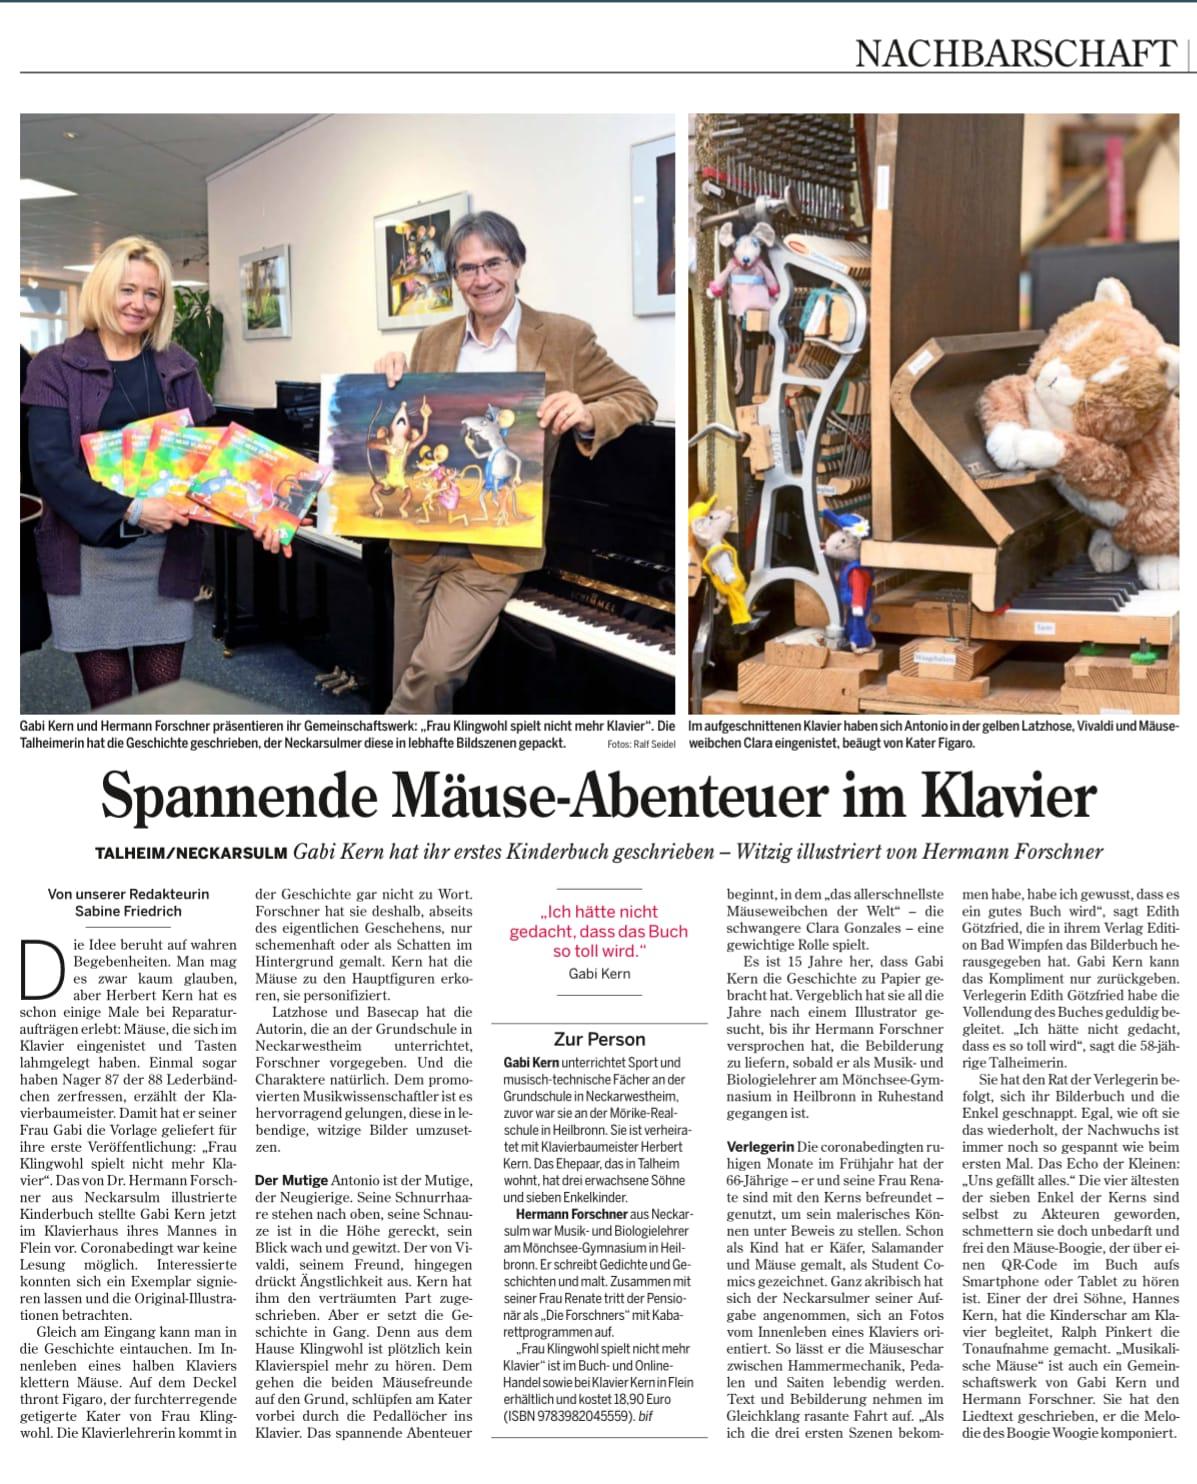 Veröffentlichung in Heilbronner Stimme